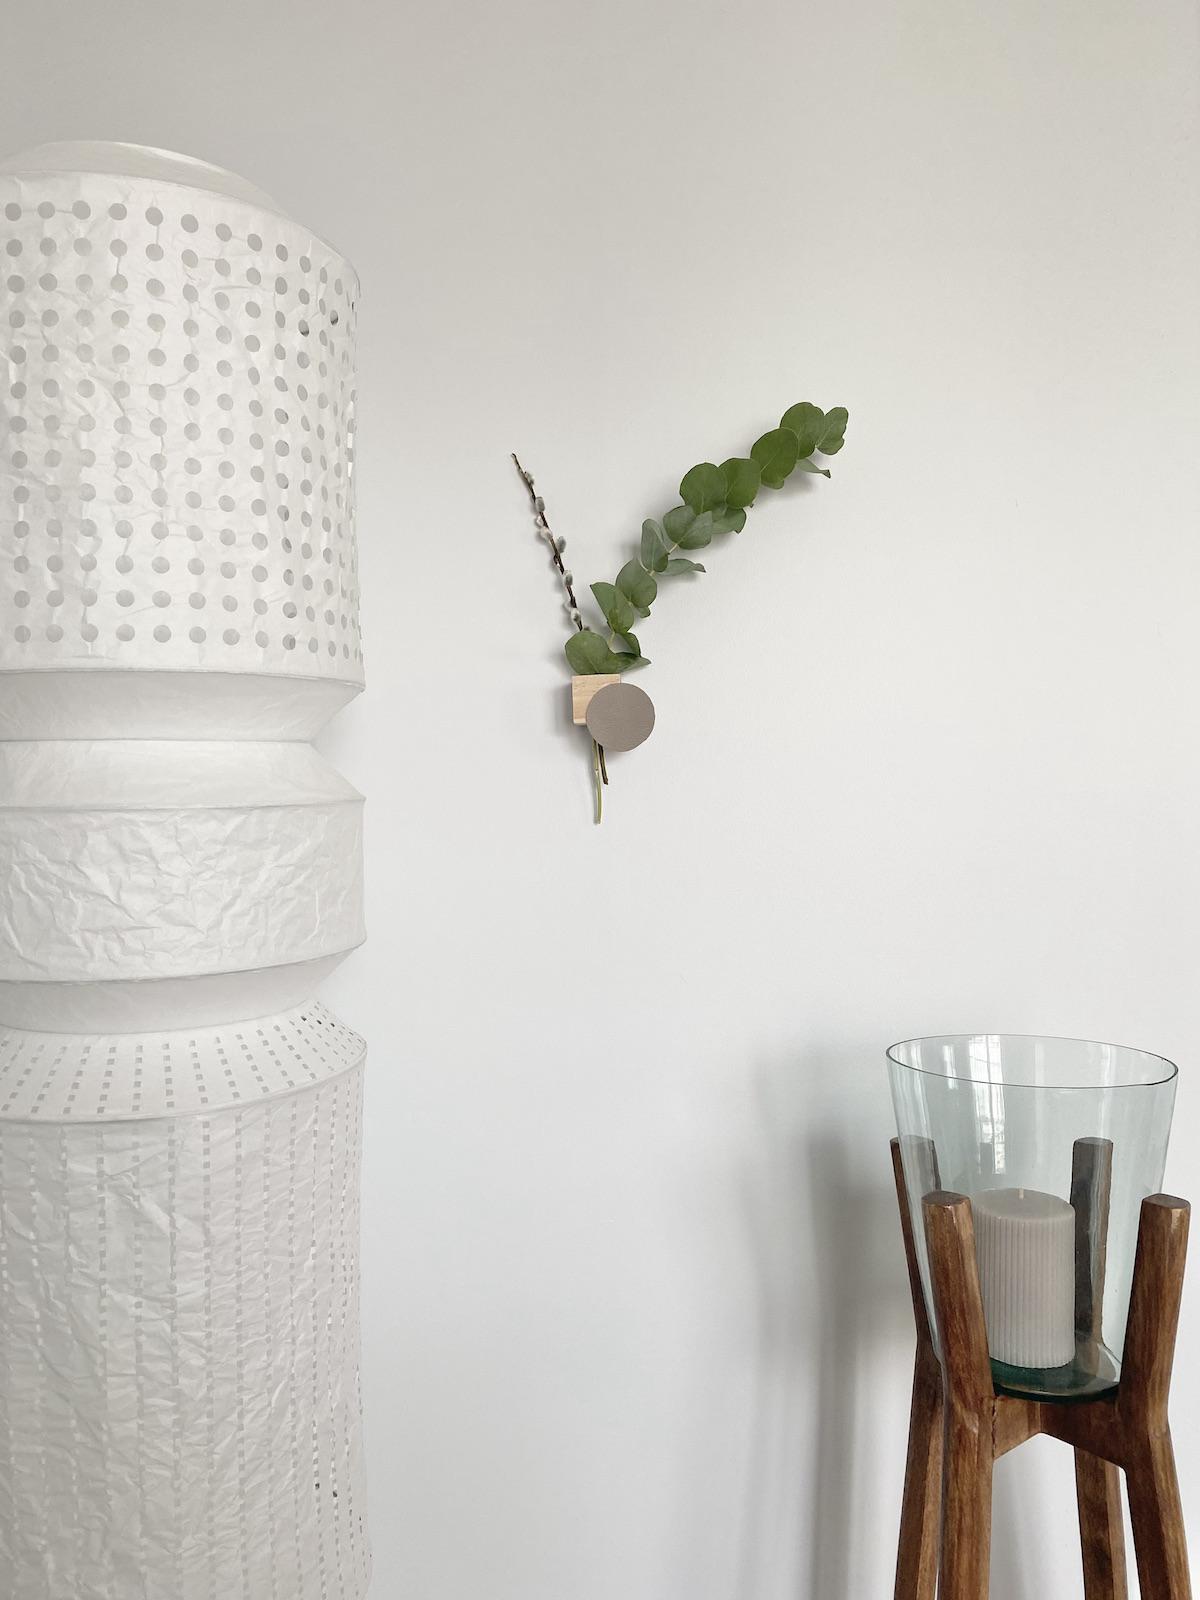 décoration nature minimaliste vase suspendu fleurs séchées